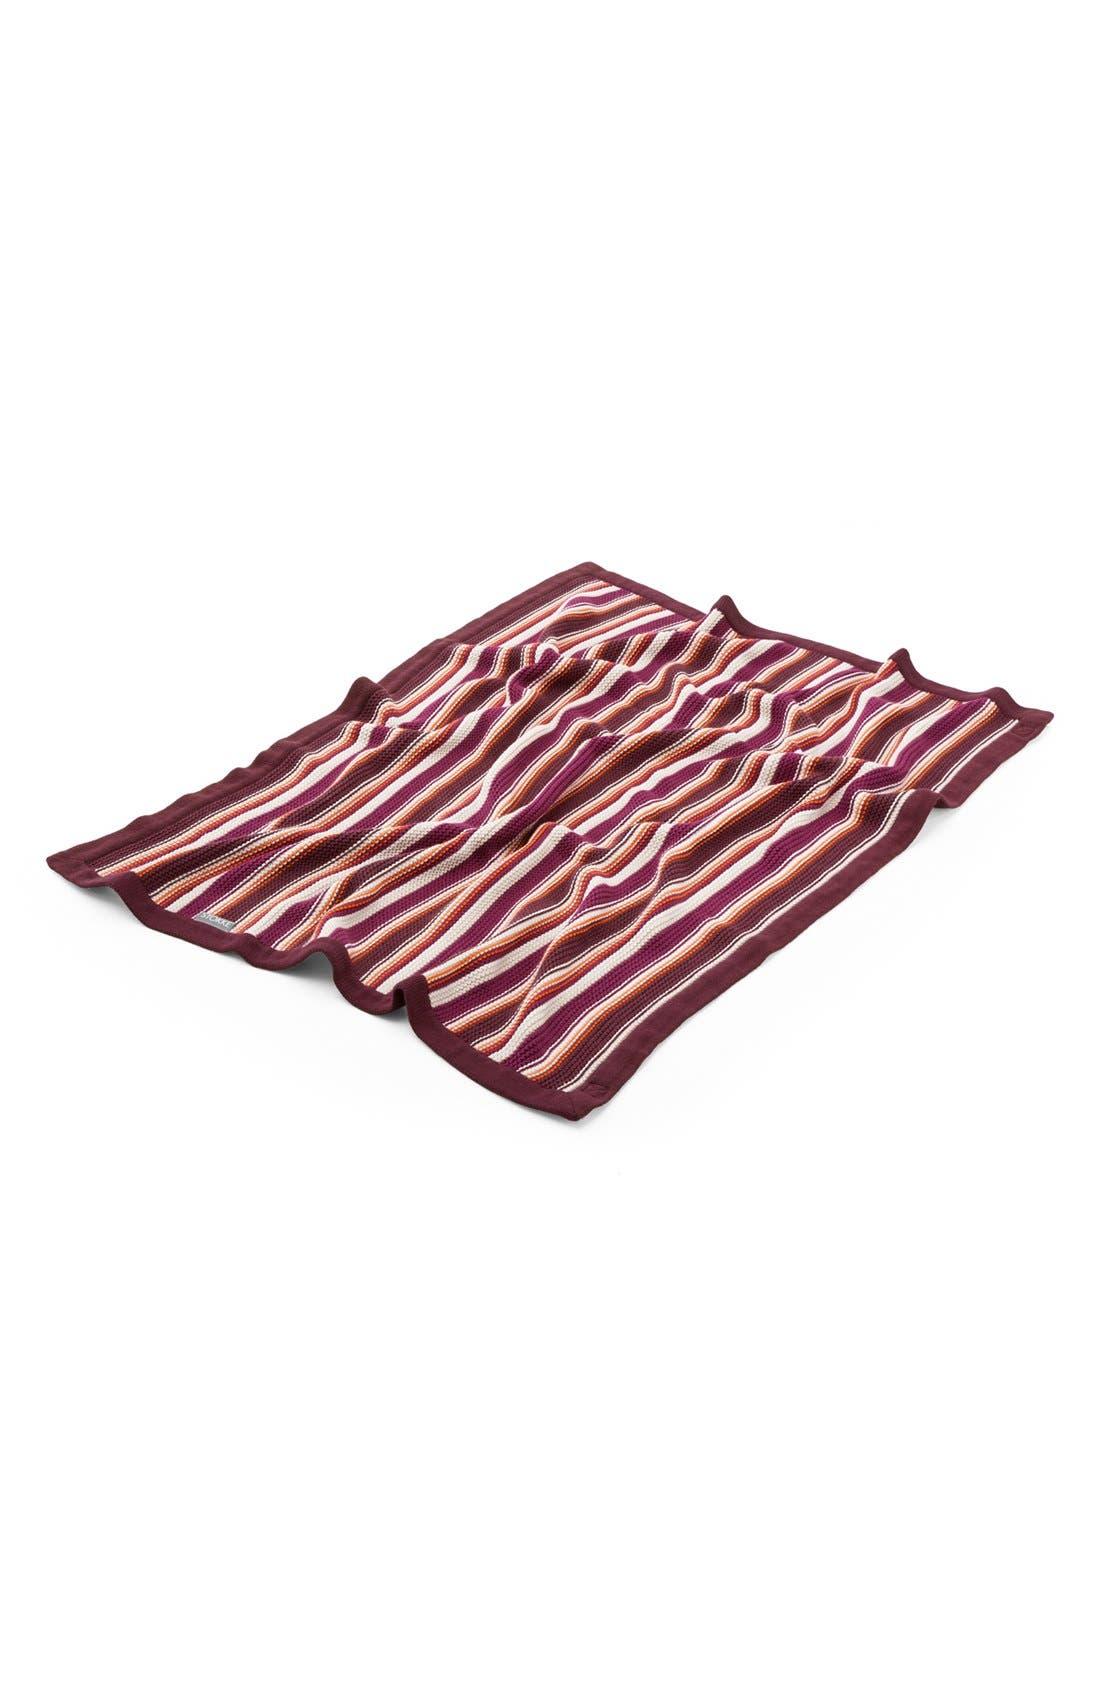 STOKKE,                             Baby Stroller Knit Blanket,                             Alternate thumbnail 3, color,                             500